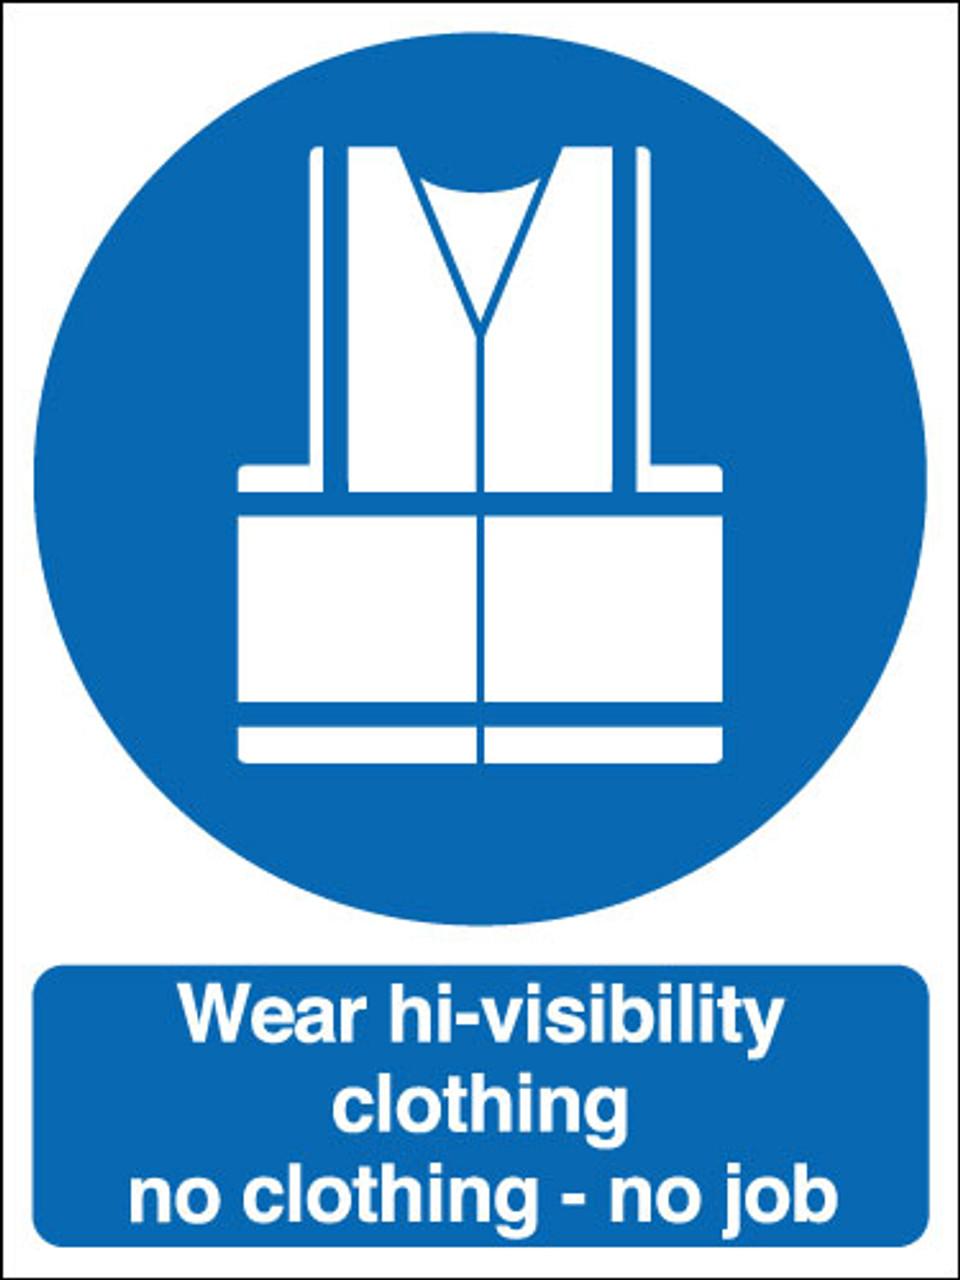 Wear hi-visibility clothing no clothing - no job correx sign